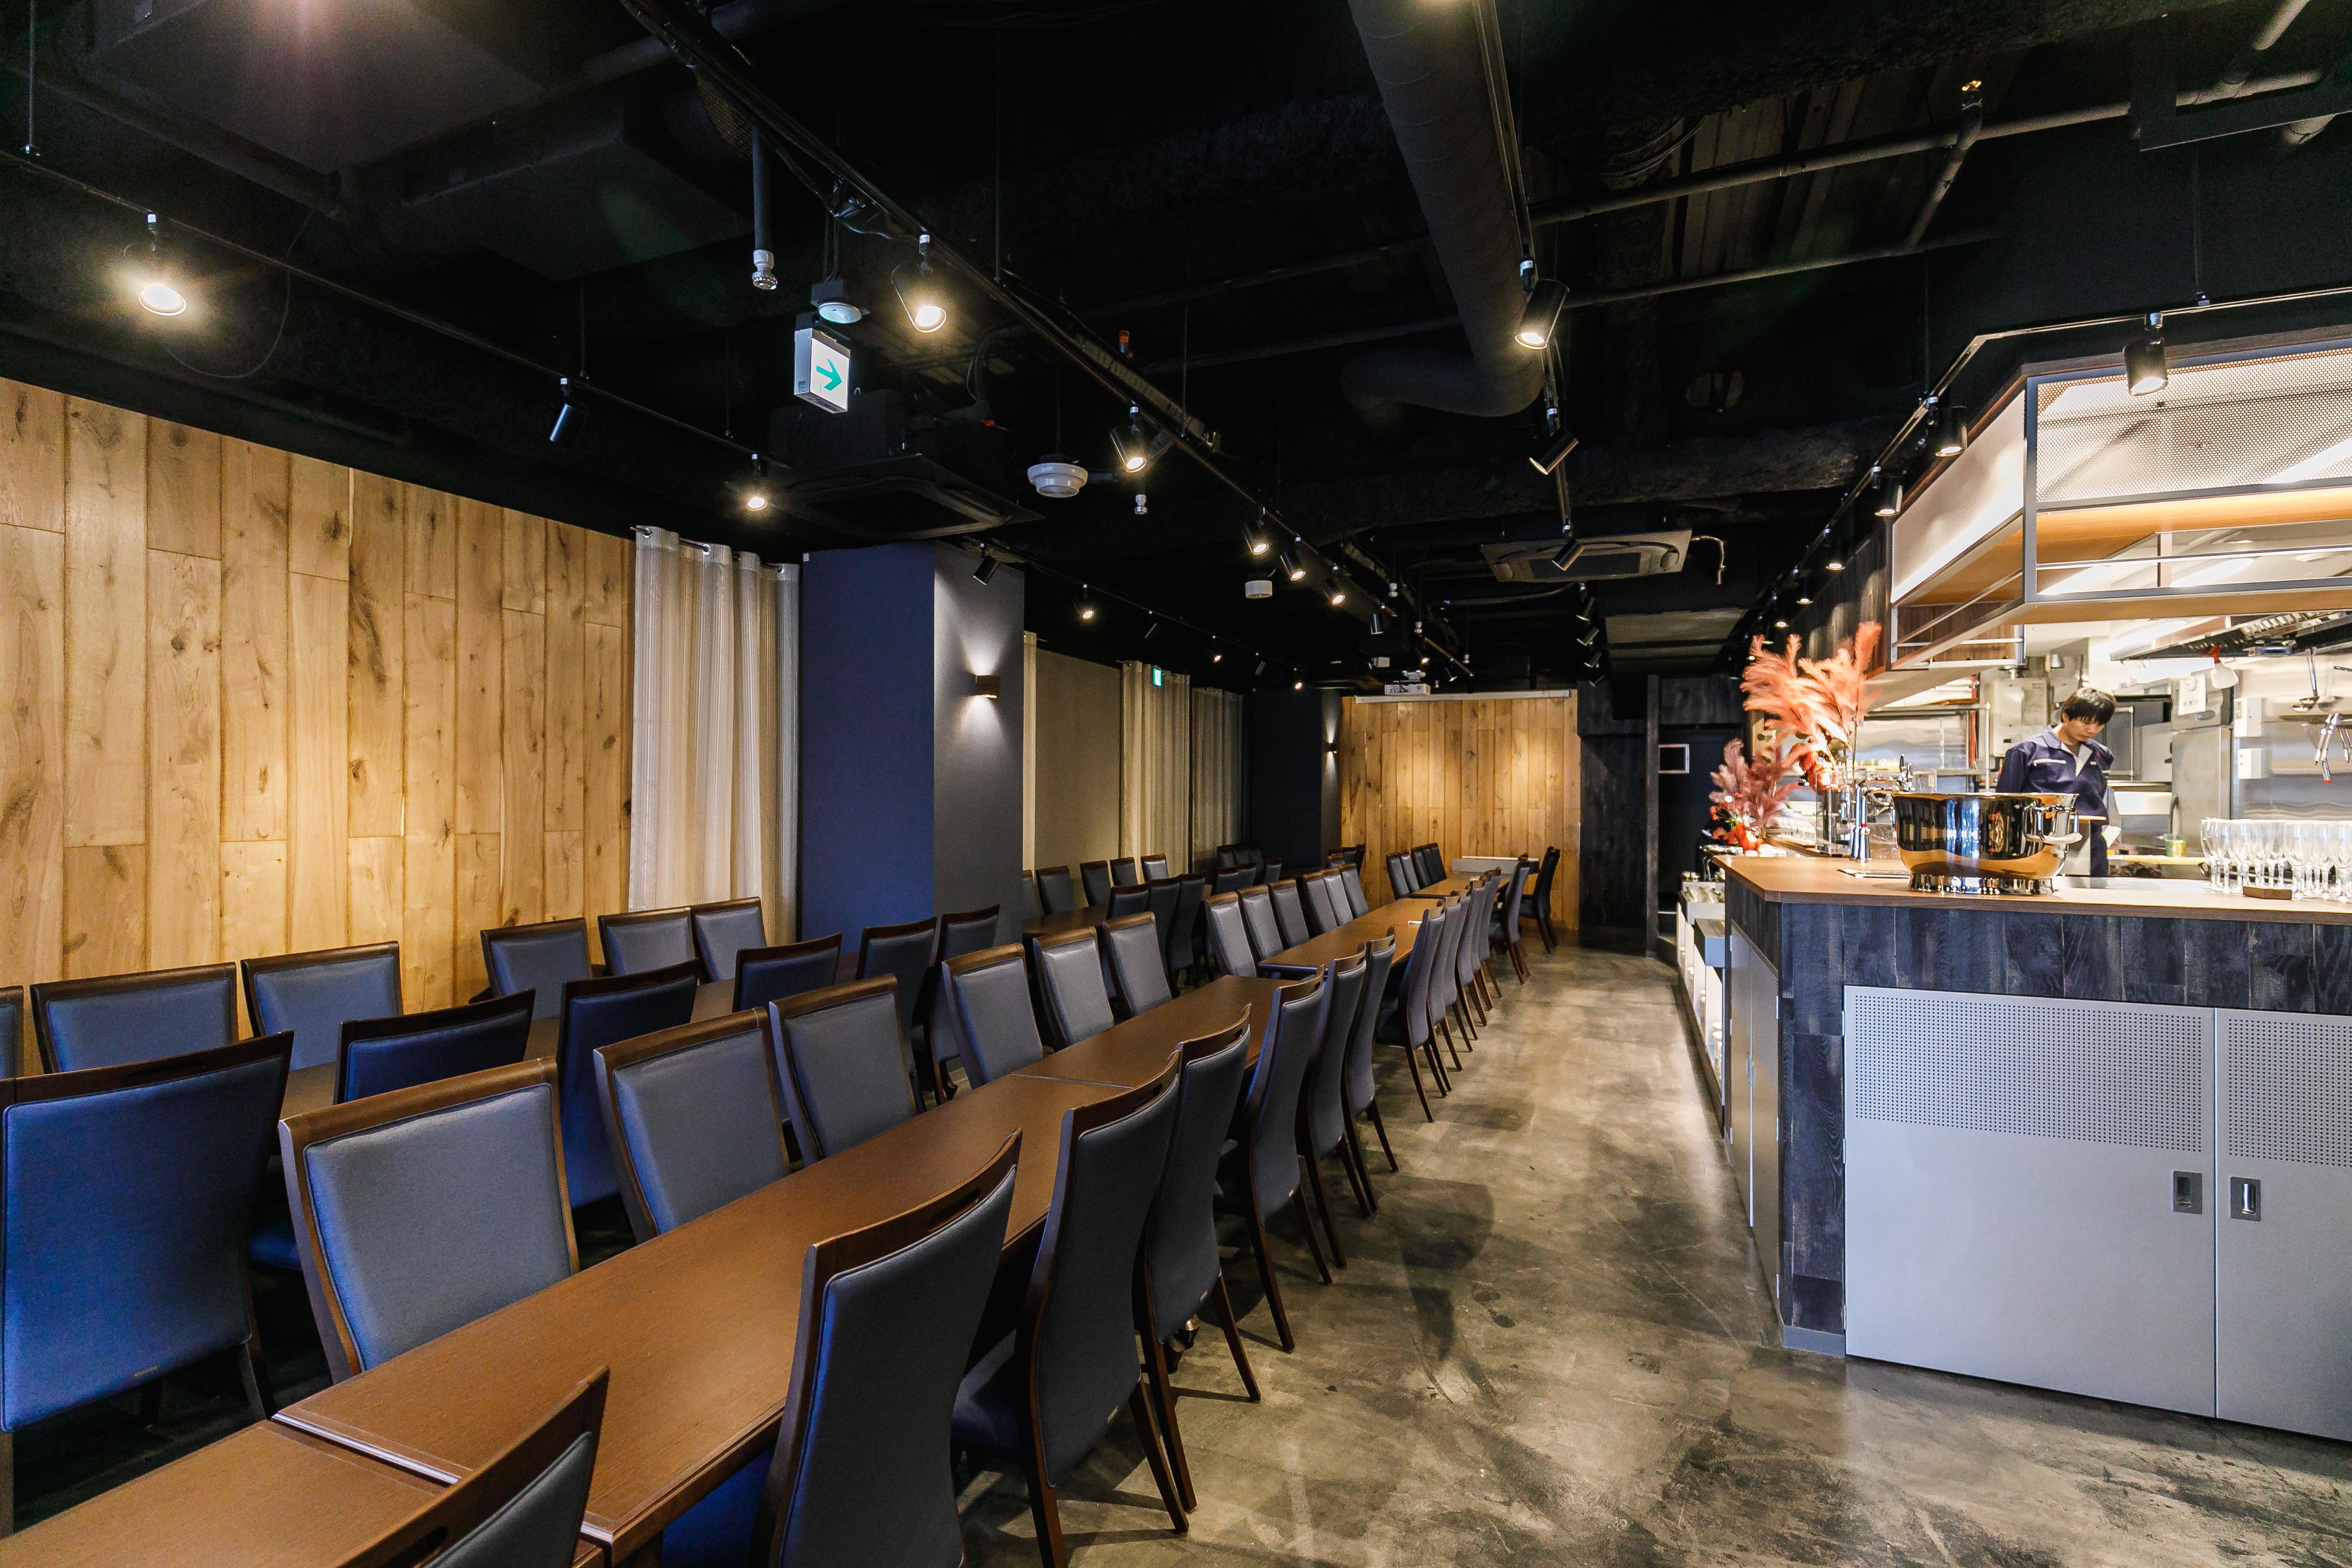 本場韓国の味を楽しめる「KollaBo」&汎用性の高い貸切専用多目的スペース「ELLE HALL Dining」 - 112A7095